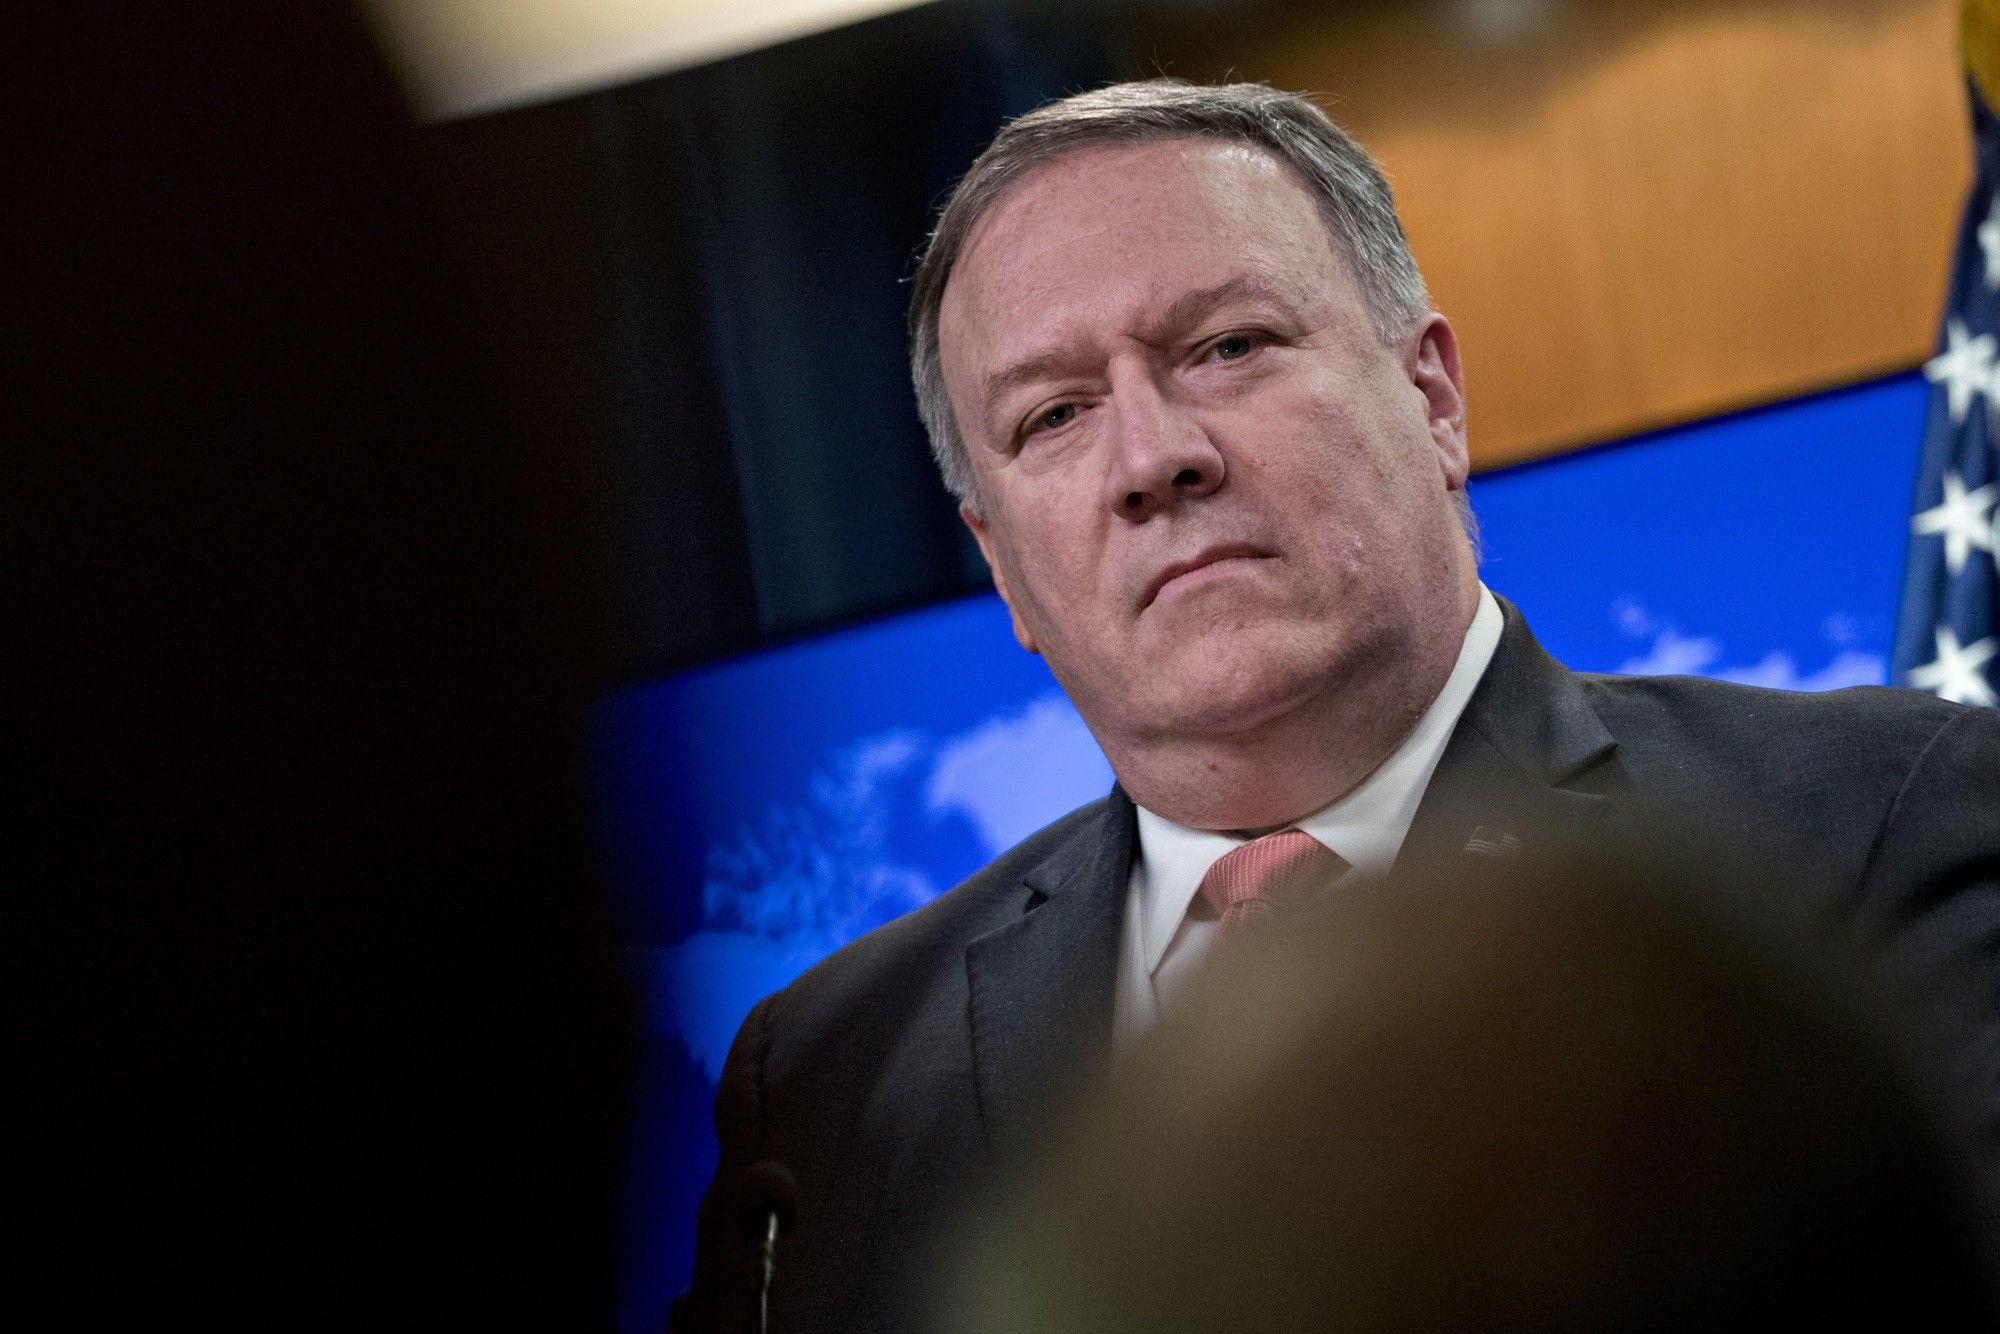 Pompeo busca aliviar tensiones con visita sorpresa a Irak